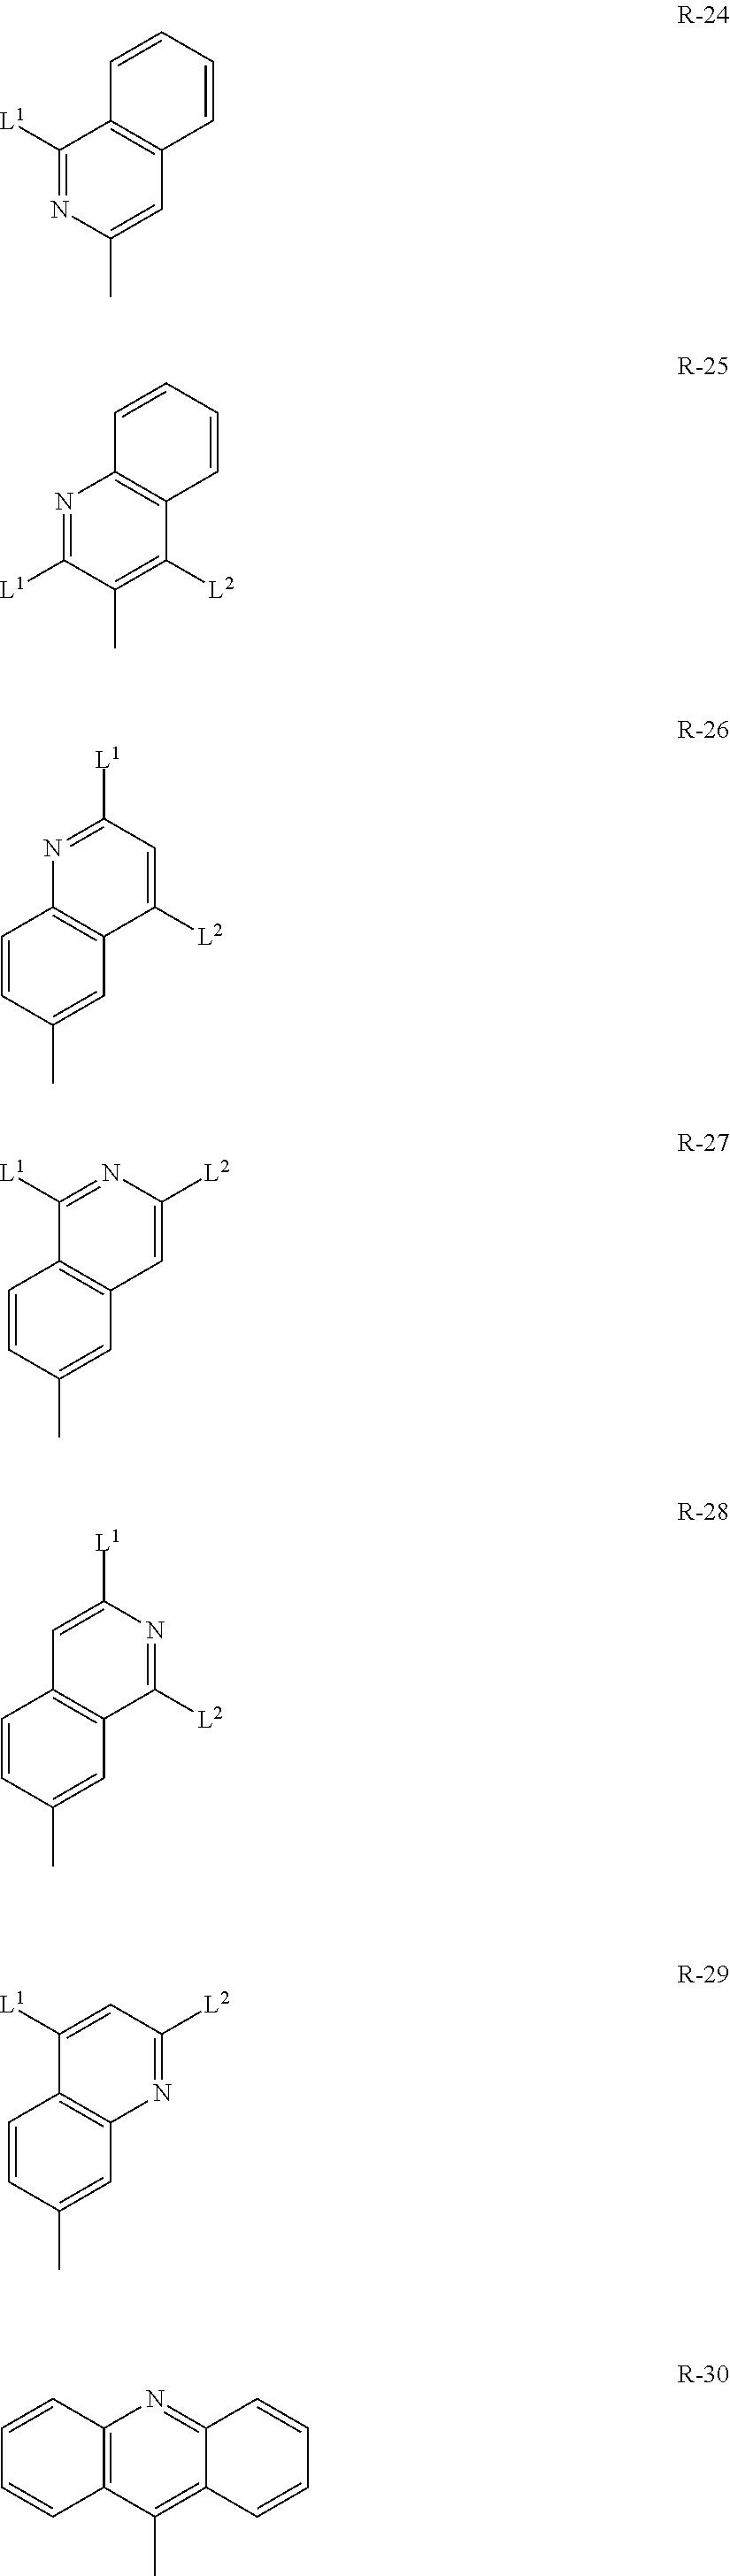 Figure US20110215312A1-20110908-C00021